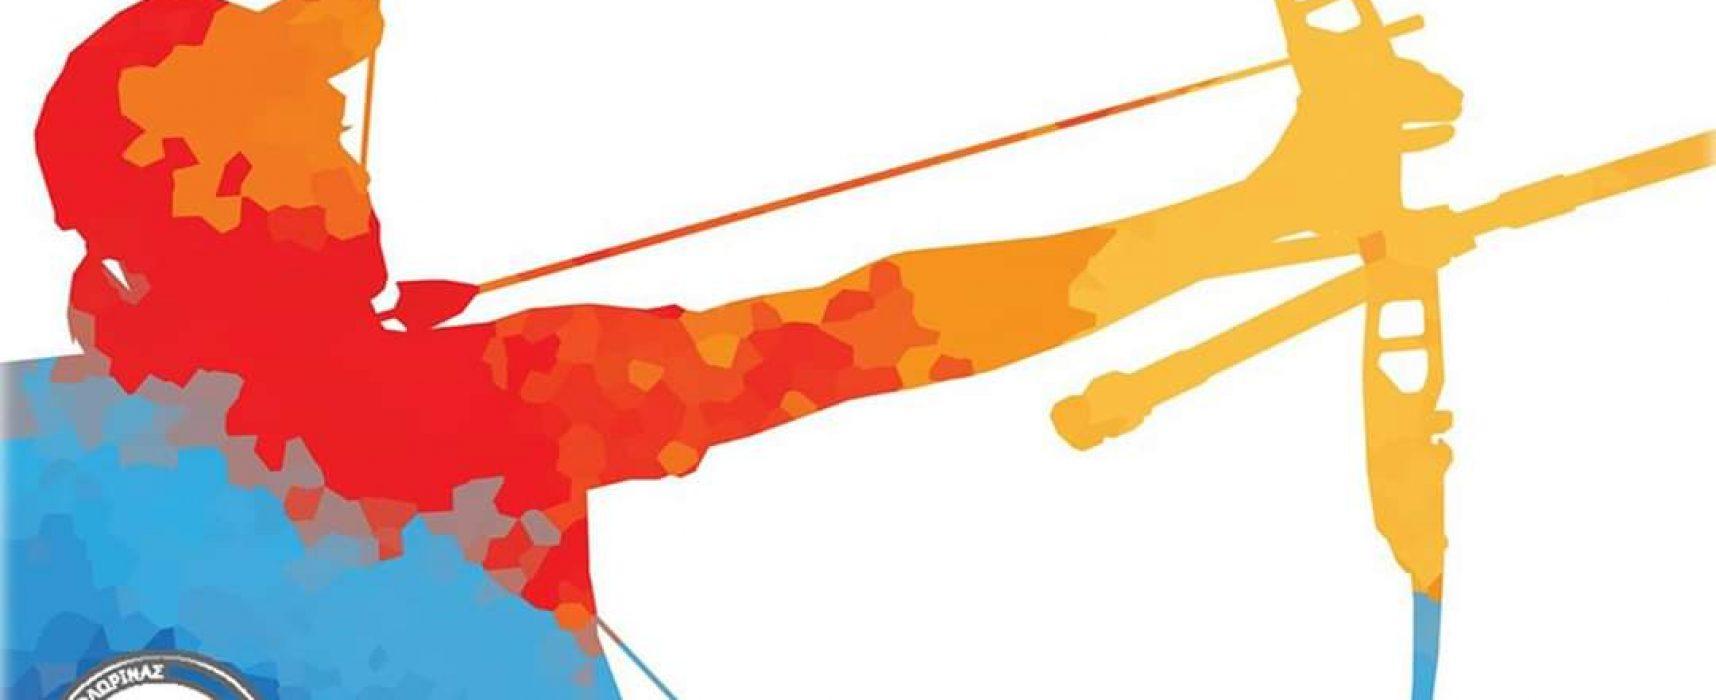 Αποτελέσματα α' βάρδιας αγώνα αναπτυξιακού χαρακτήρα στη Φλώρινα